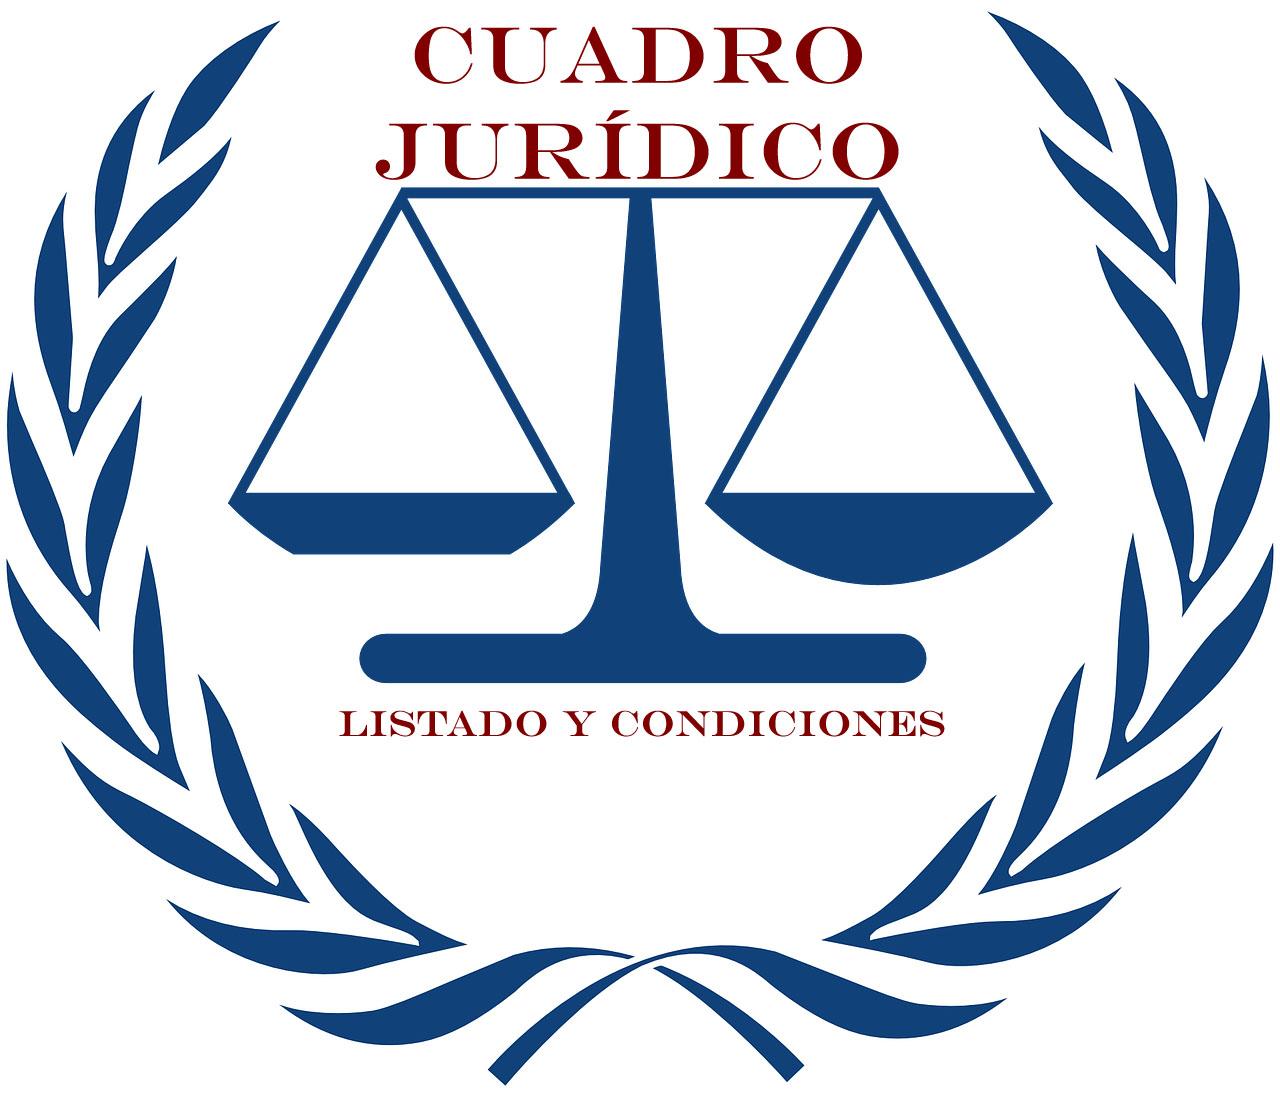 CUADRO JURIDICO